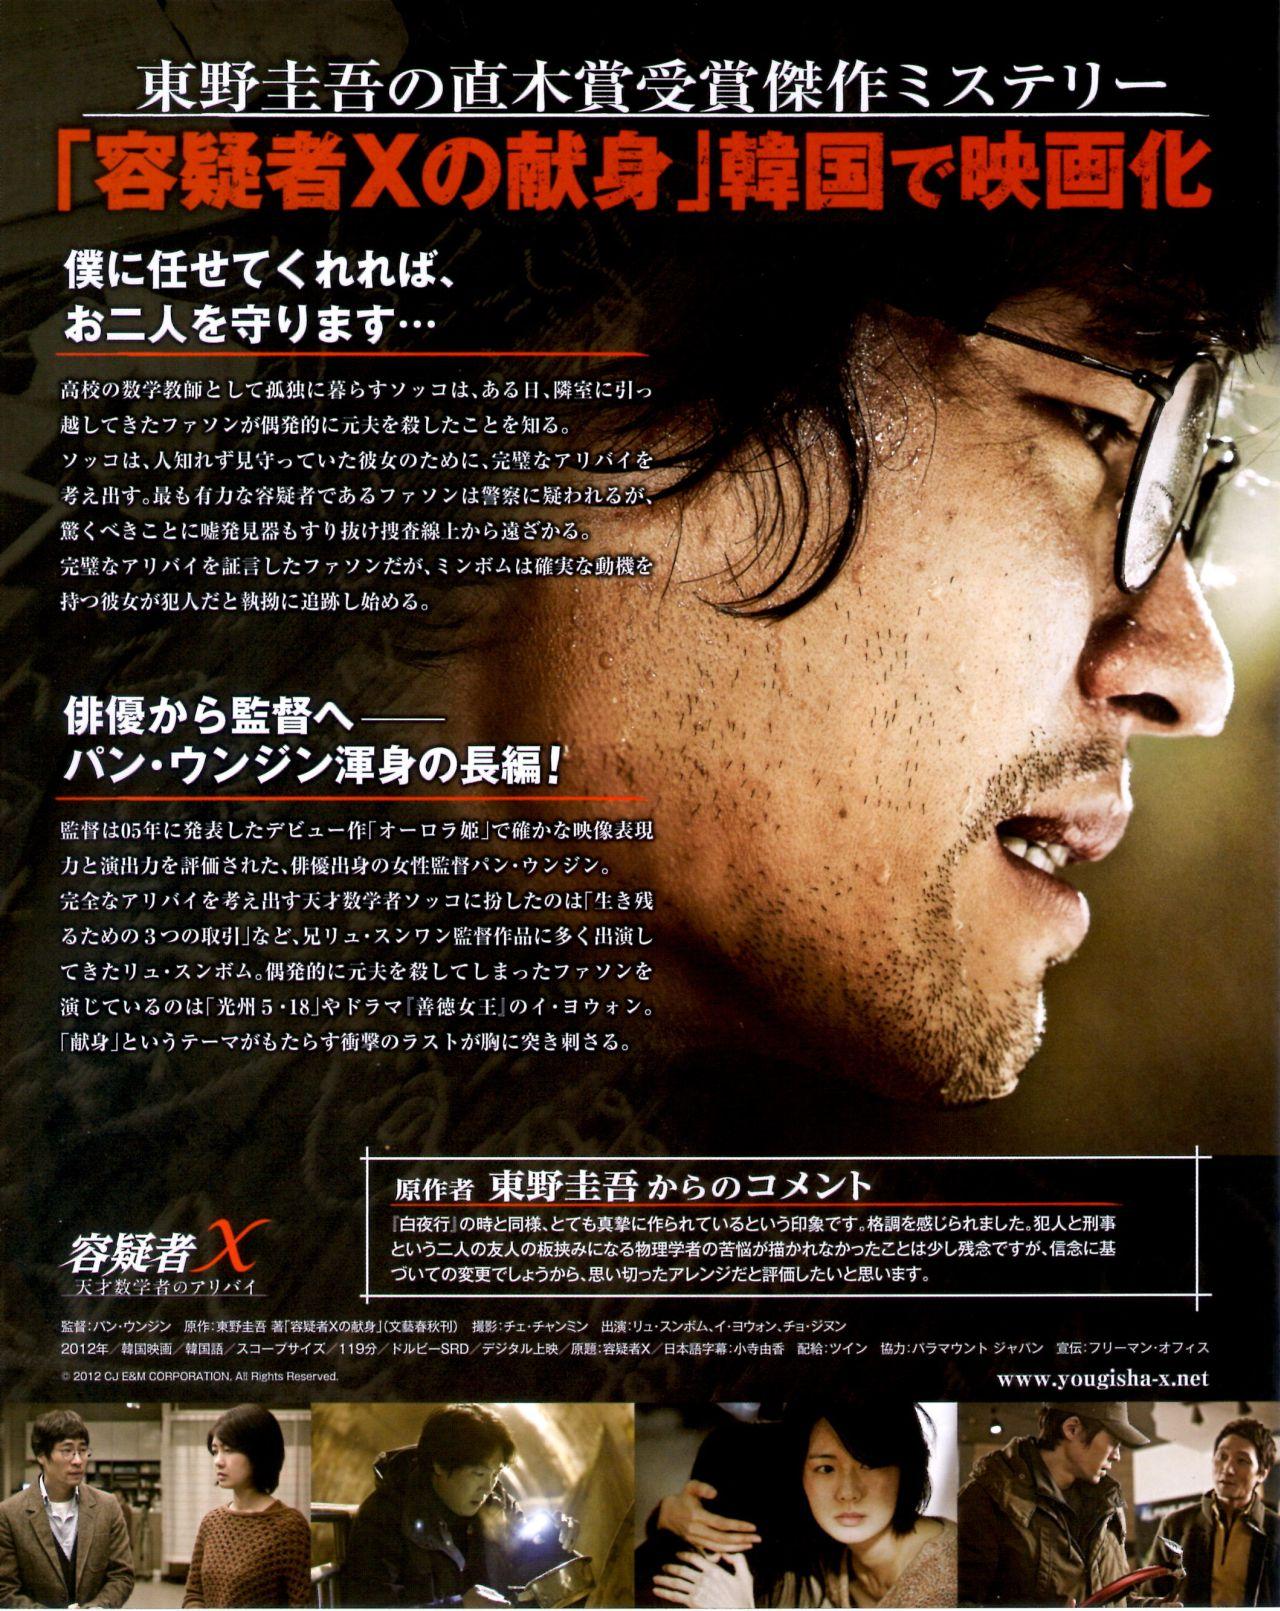 映画感想:『容疑者X 天才数学者のアリバイ』 : Nikko's Blog